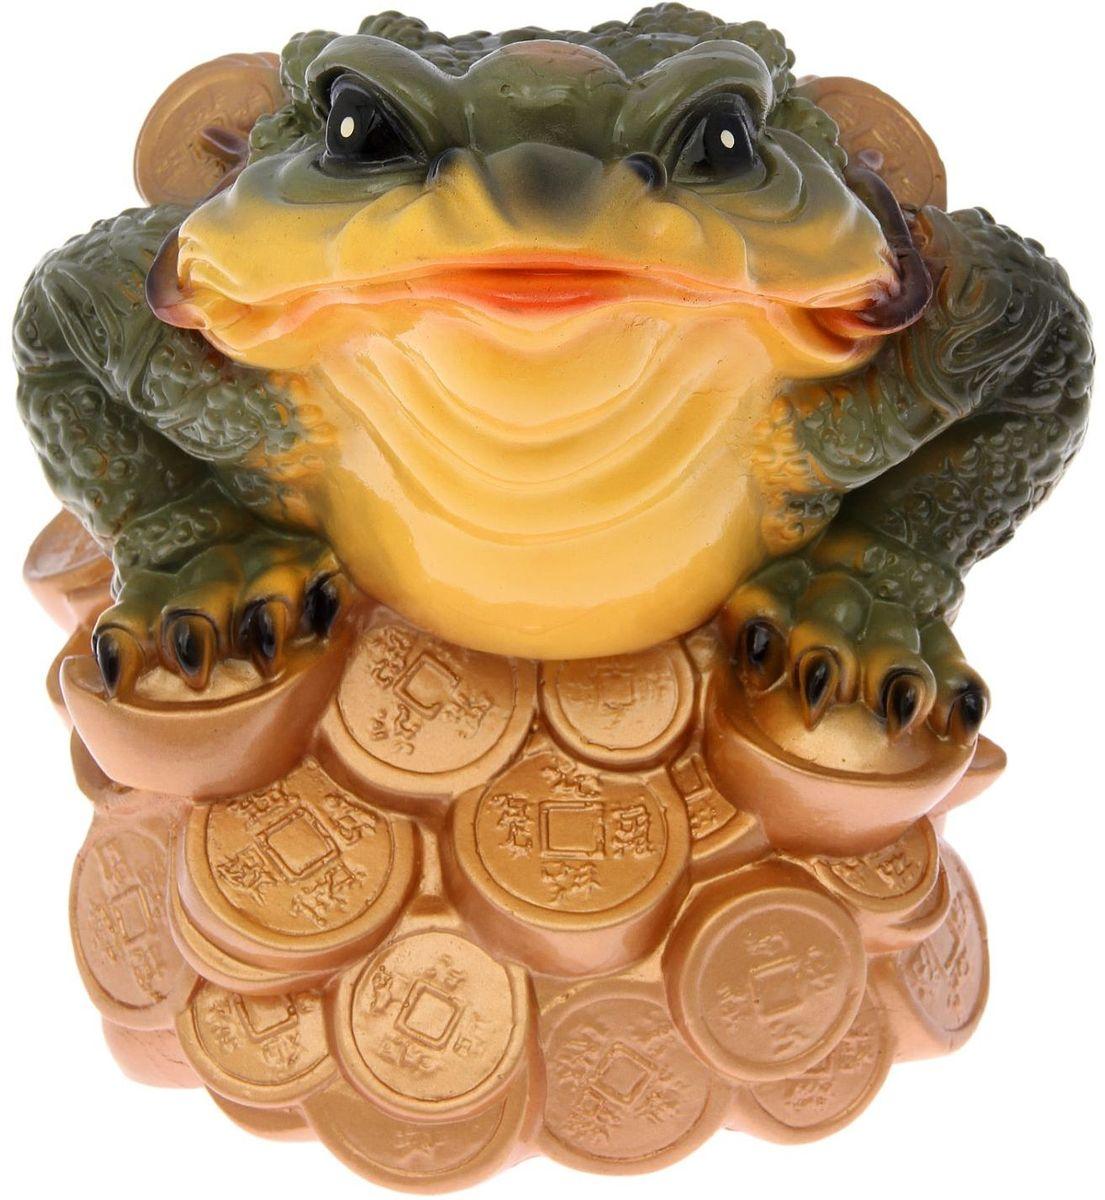 Фигура садовая Лягушка на монетах, 34 х 23 х 25 см2122259Фигура садовая Лягушка на монетах выполнена из гипса. Фигуры из гипса отличаются лёгкостью, экологичностью и долгим сроком службы. При должном уходе они будут выглядеть как новые не один сезон.Размер фигуры: 34 х 23 х 25 см.